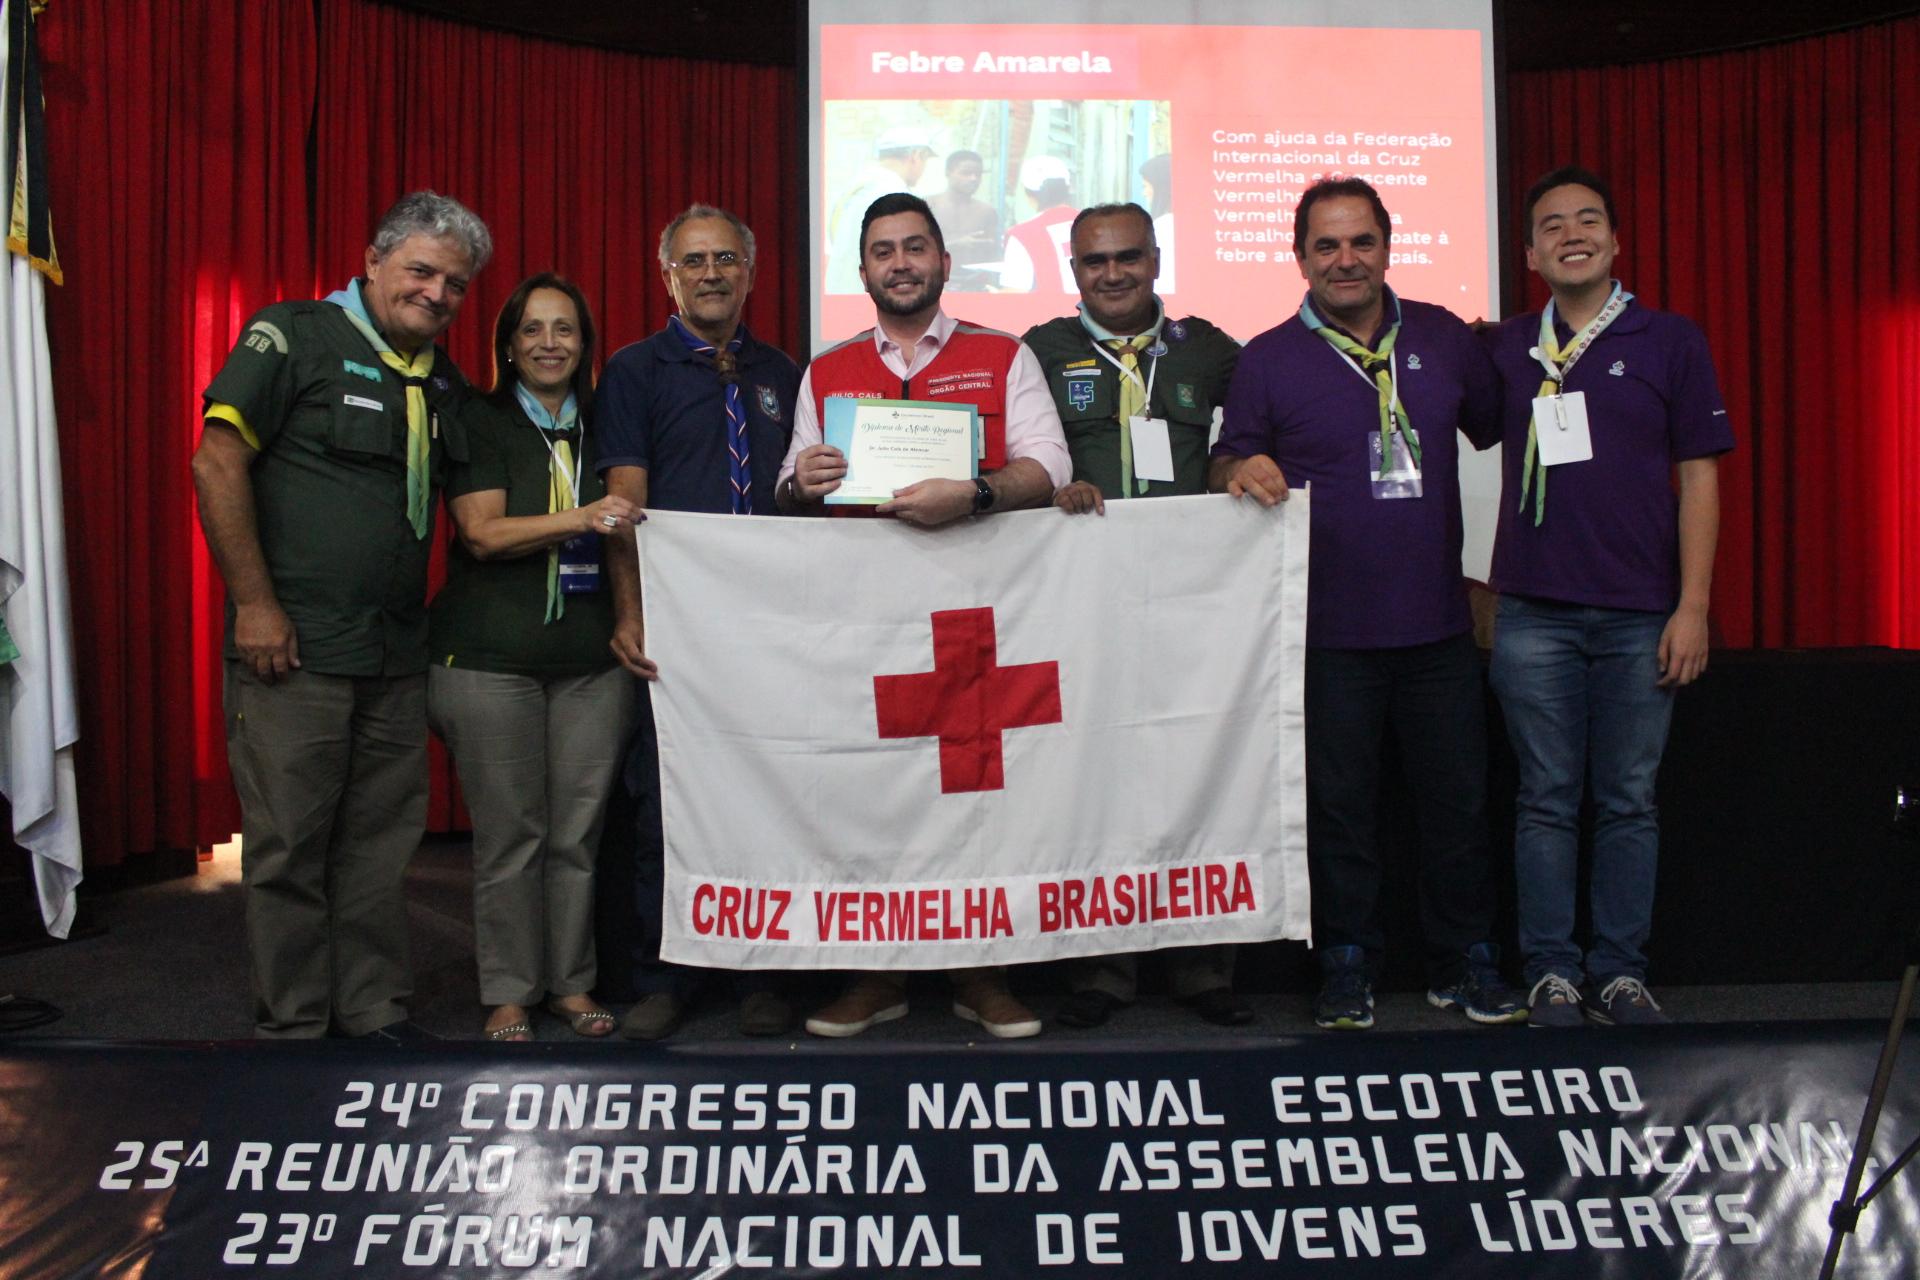 Cruz Vermelha Brasileira e Escoteiros do Brasil divulgam Protocolo de Relacionamento para parceria entre instituições (1)